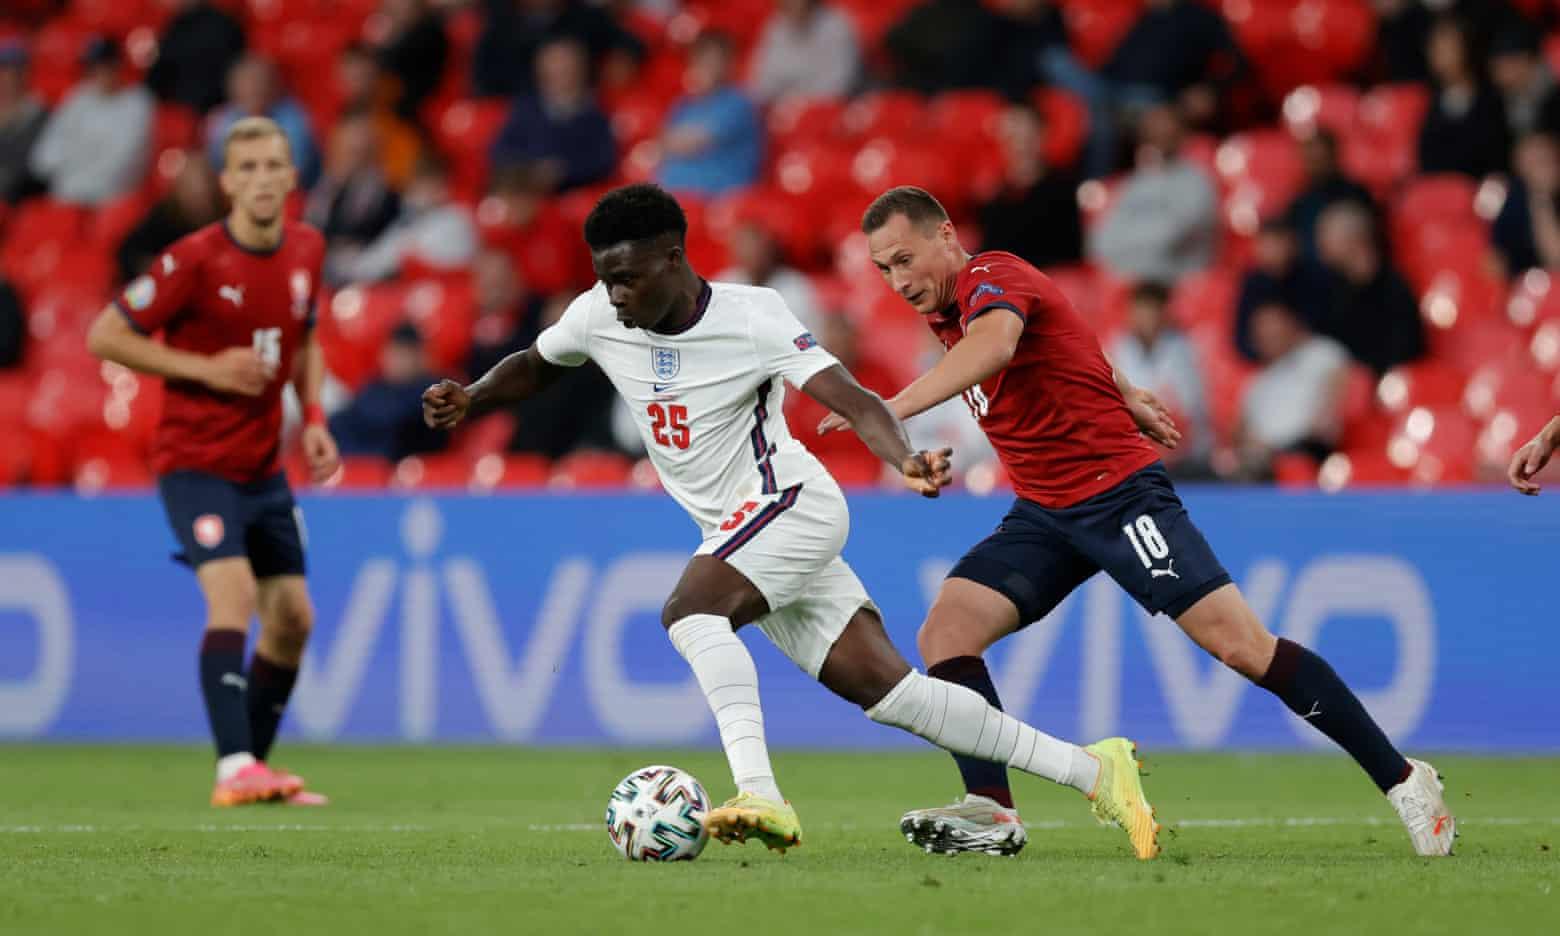 Saka mang lại sức sống mới cho hàng công tuyển Anh trong trận tiếp CH Czech hôm 22/6. Ảnh: Guardian